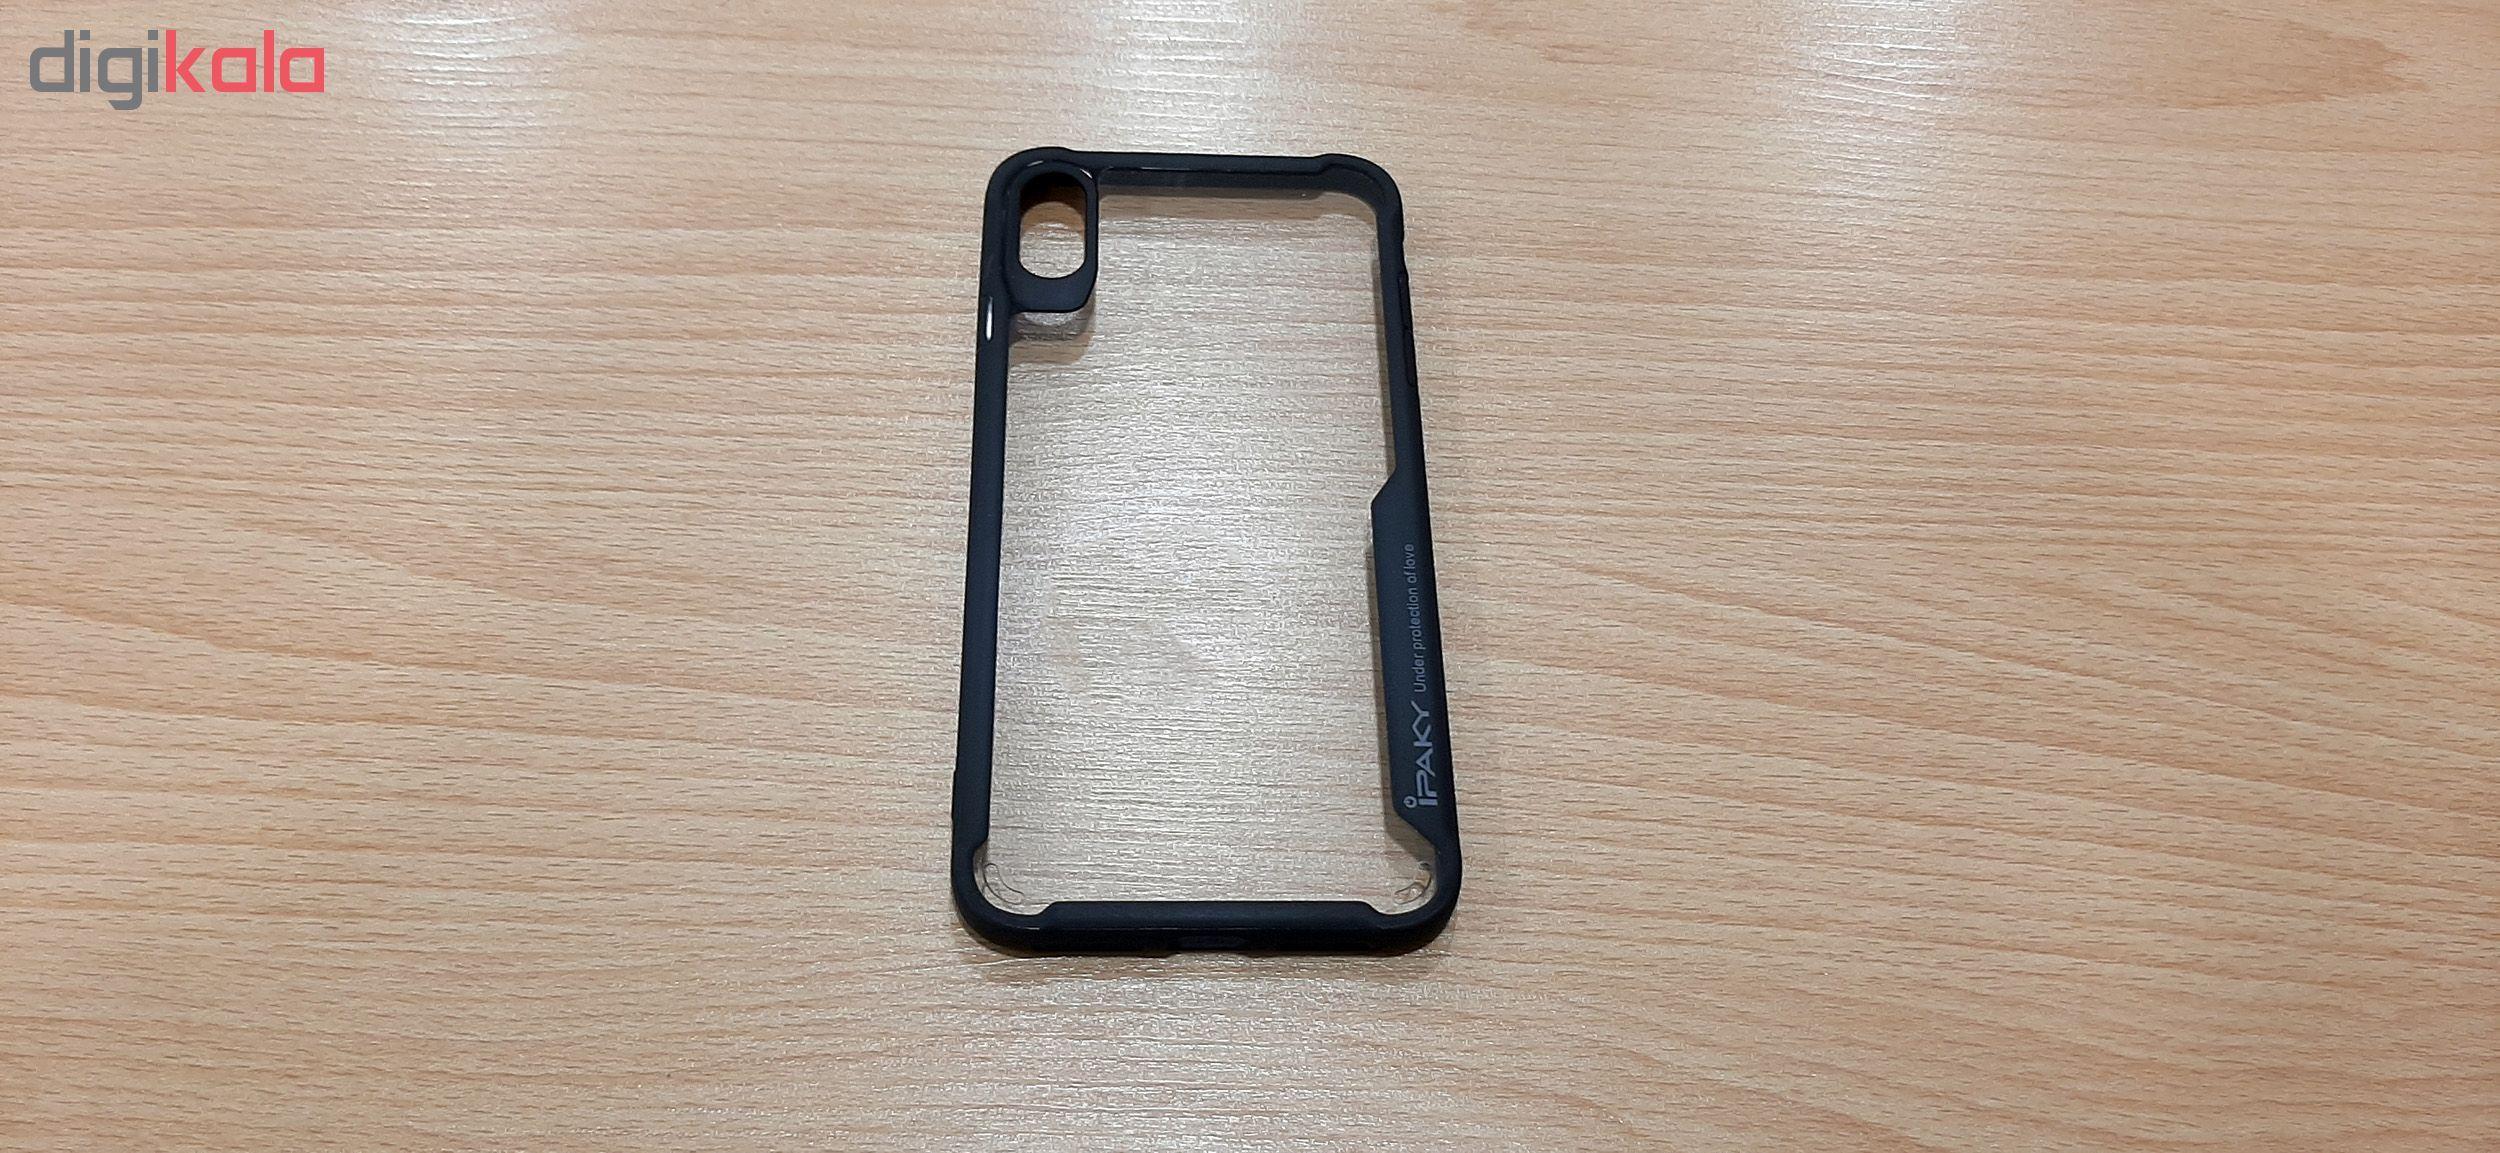 کاور آیپکی مدل IP-34 مناسب برای گوشی موبایل اپل Iphone XS Max  main 1 2